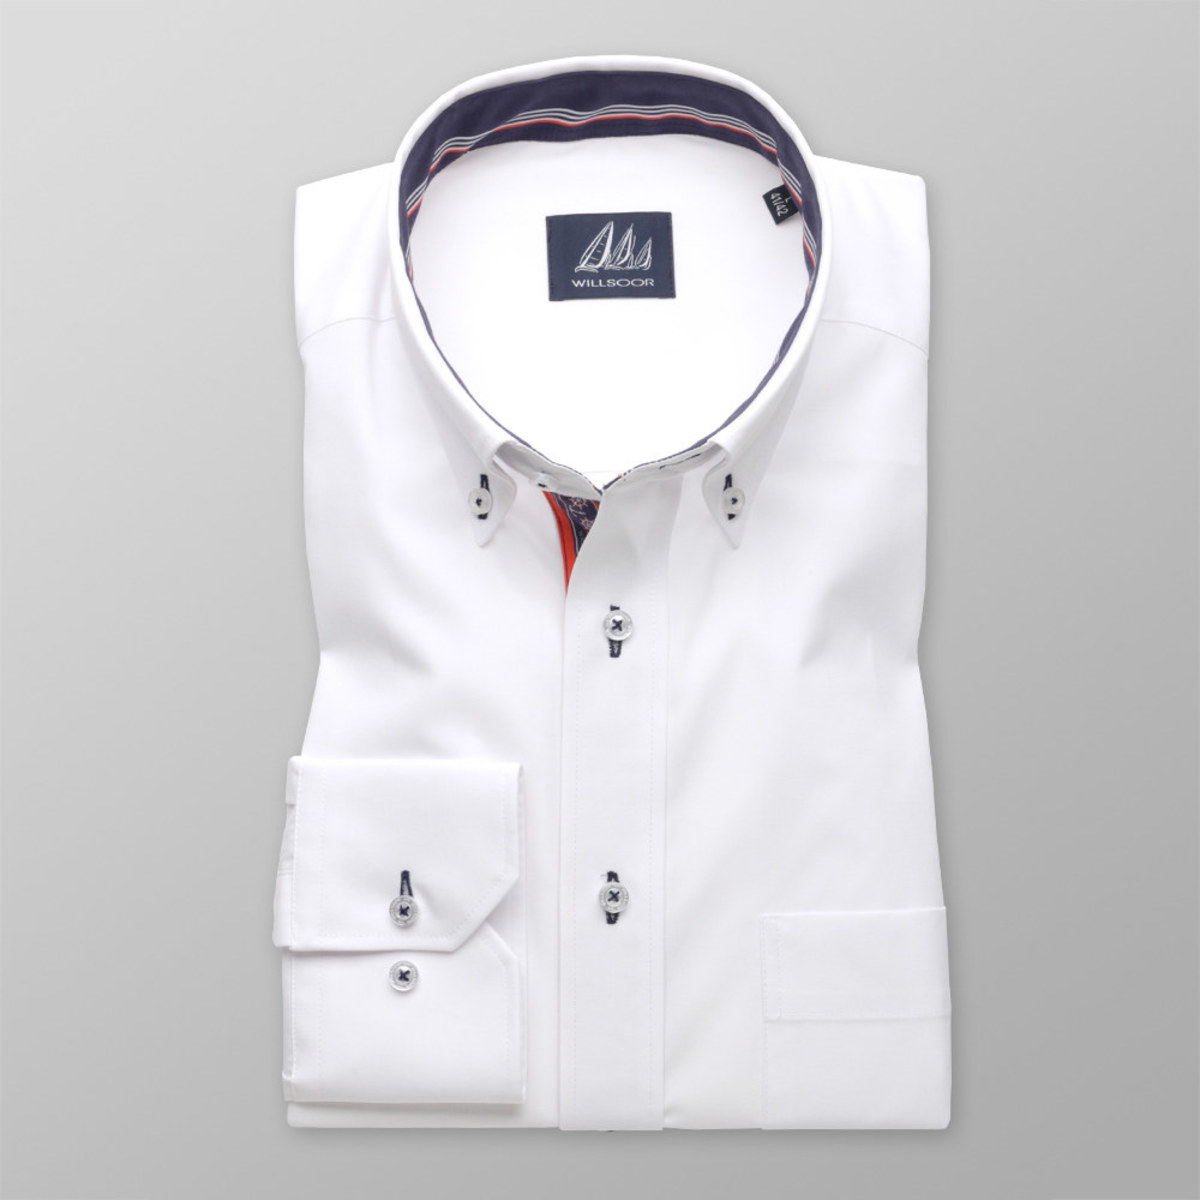 Pánská klasická košile (výška 176-182 i 188-194) 8303 v bílé barvě 188-194 / L (41/42)